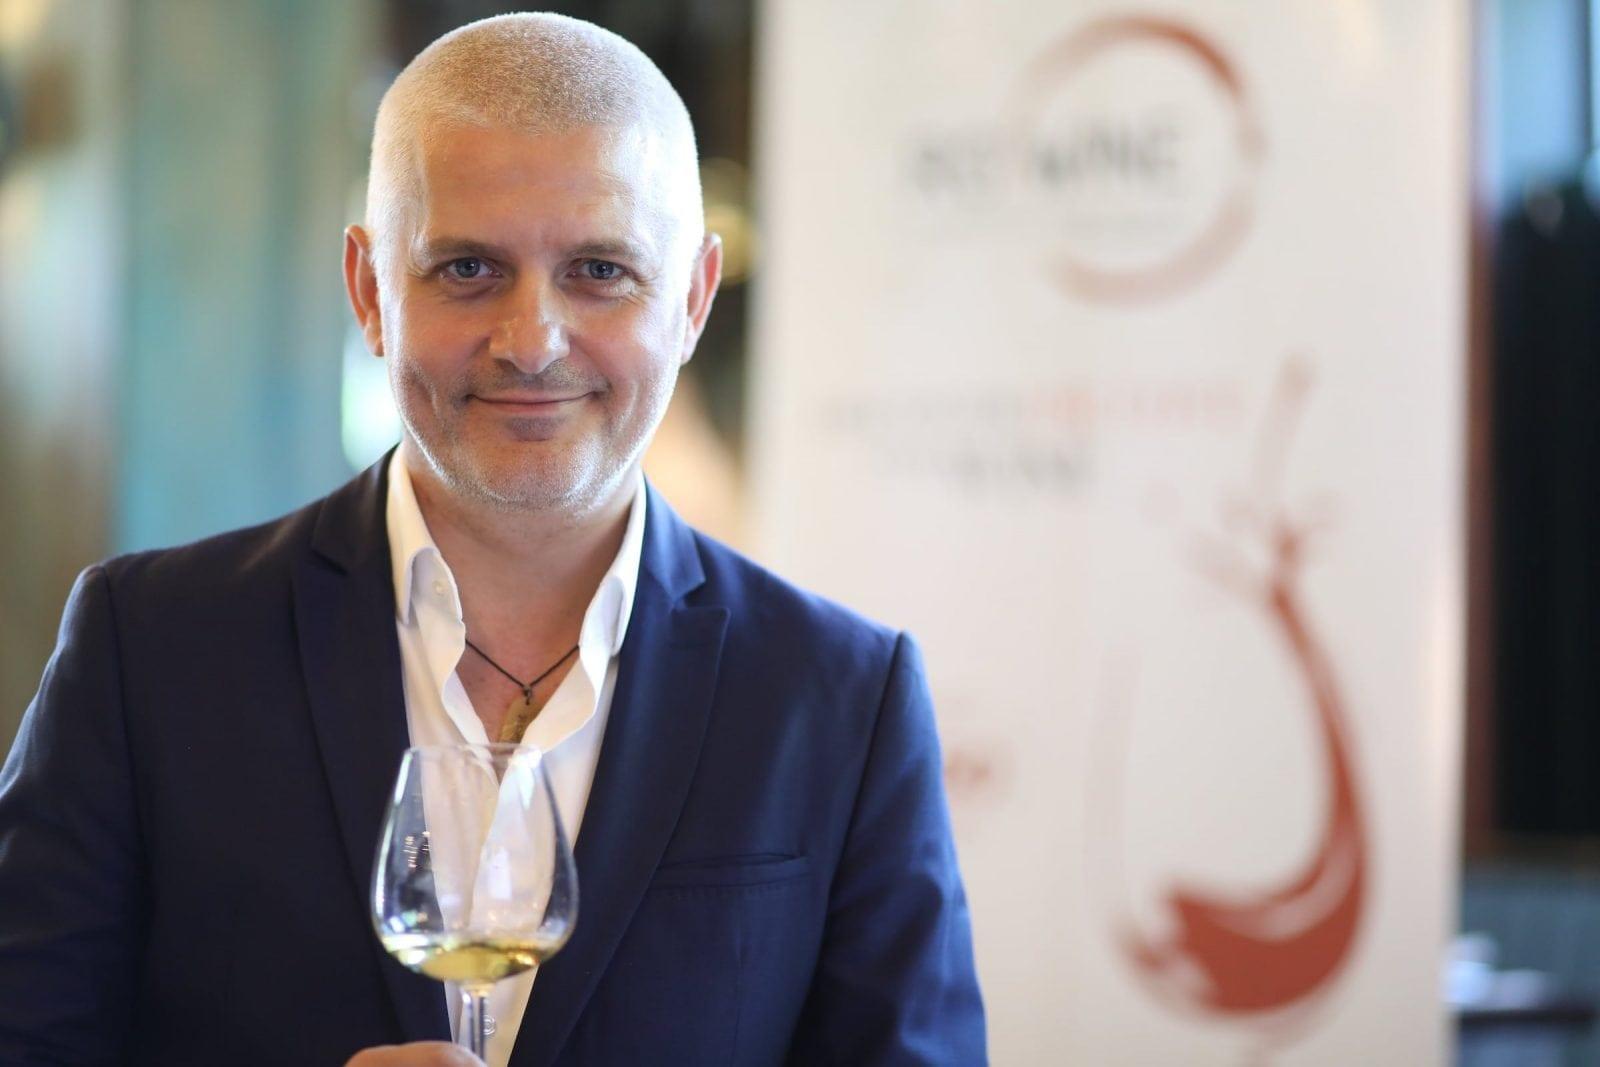 3 Virgil Iantu ambasador RO Wine - Descoperă arta vinului, la RO-Wine, alături de Cornel Ilie și Virgil Ianțu!  Workshopuri, o bursă RO-Wine, dar și o secțiune VIP, printre noutățile ediției din 19 și 20 mai 2018!